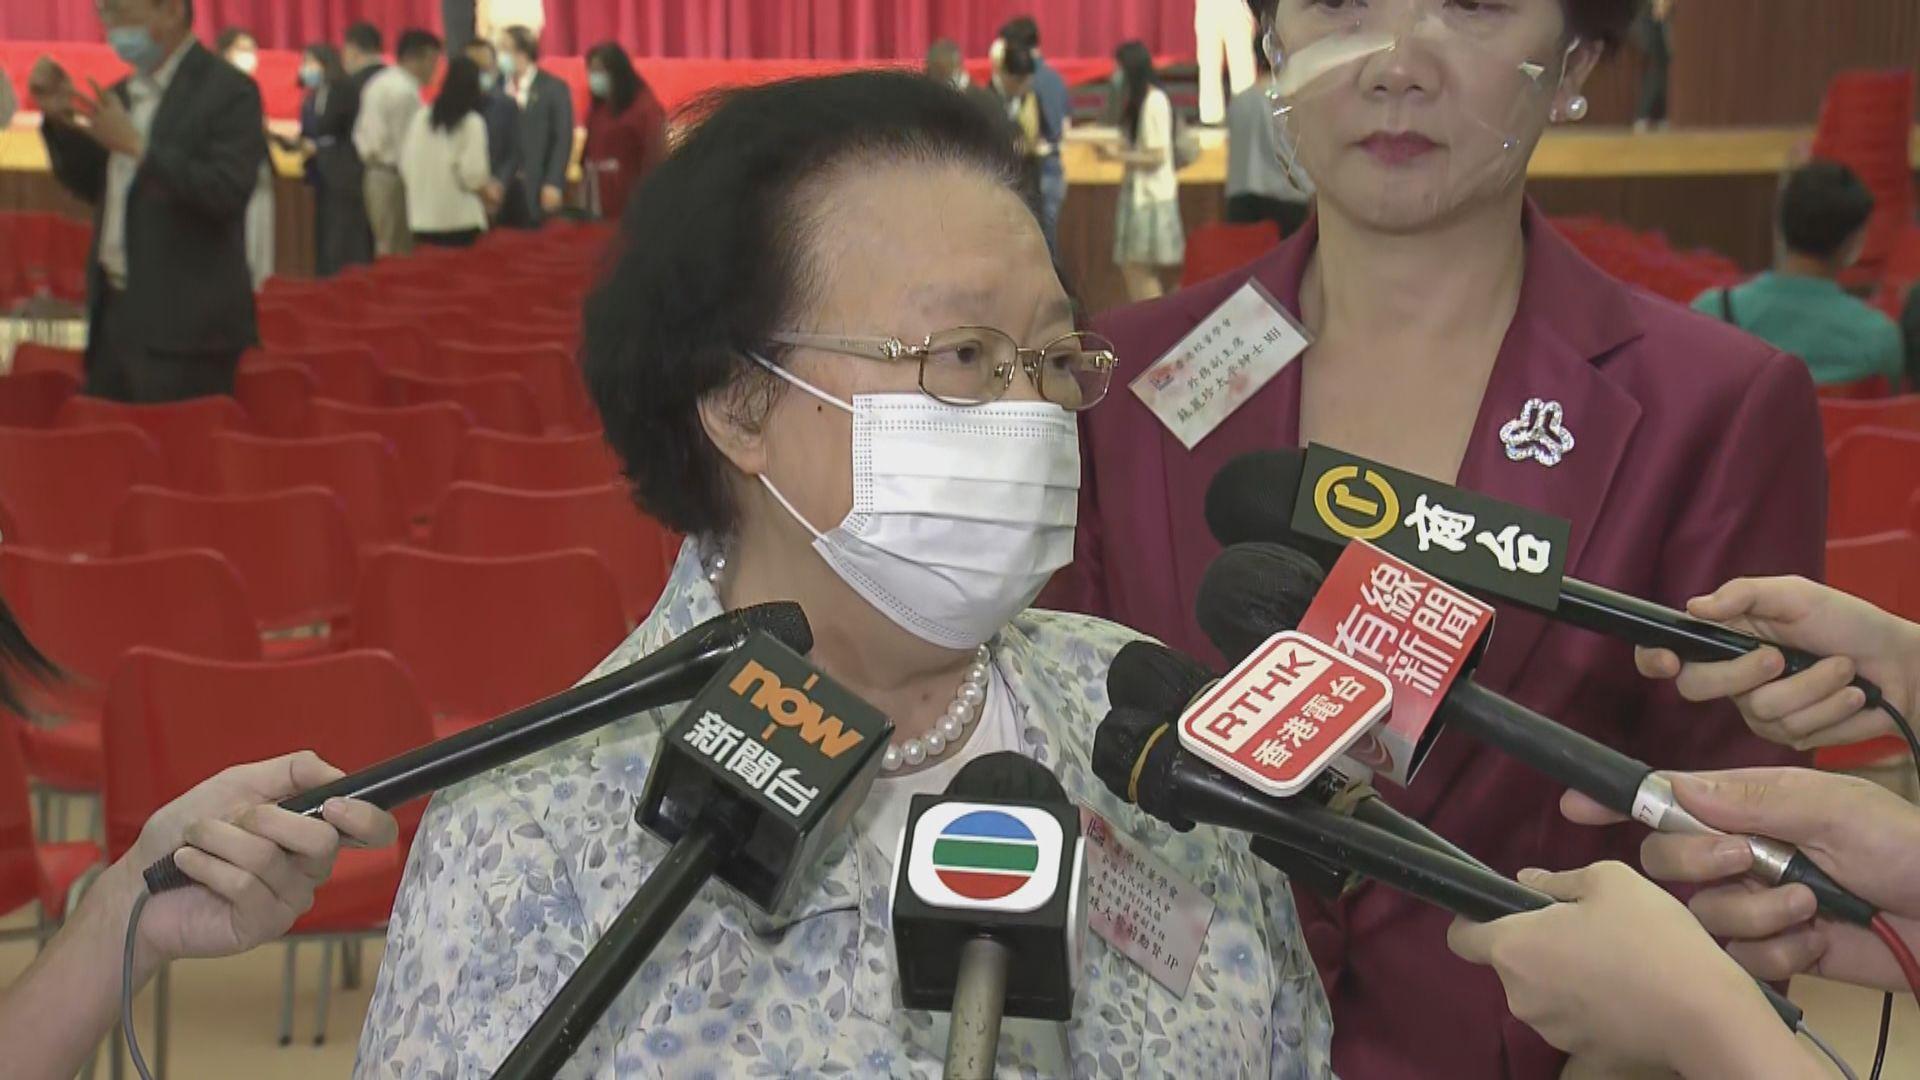 支聯會未收回結束一黨專政綱領 譚惠珠:是否違法視乎證據